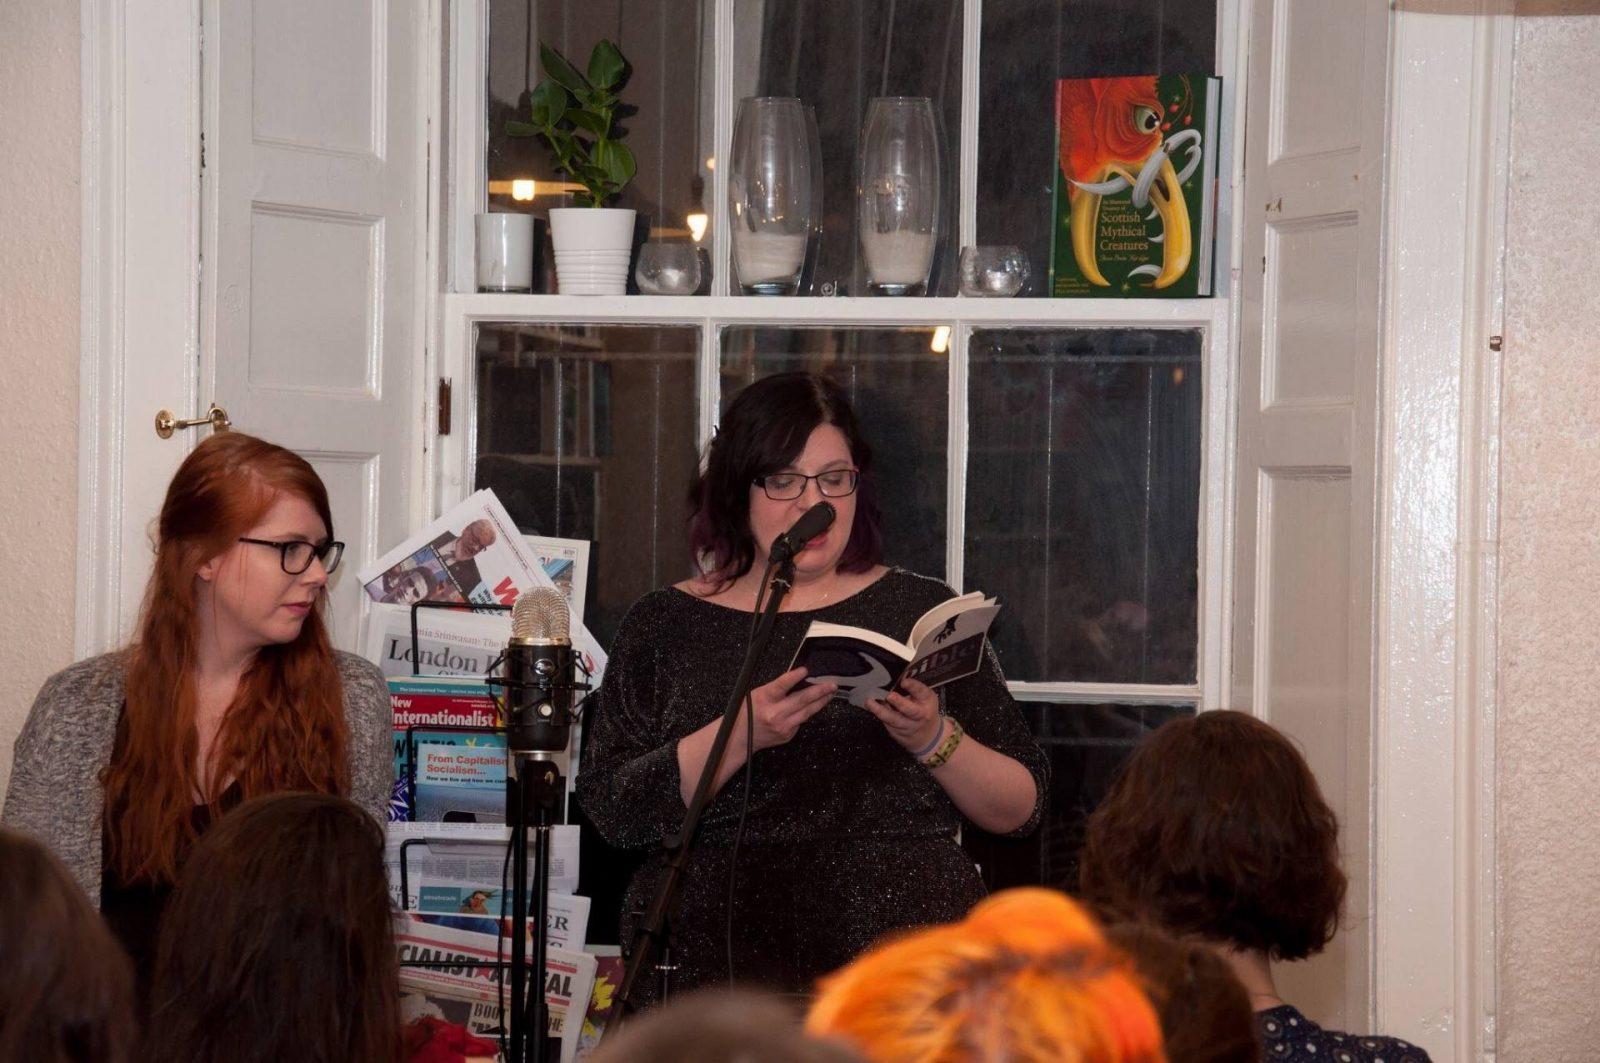 Lis Ferla reading at Monstrous Regiment book launch, Lighthouse Books, Edinburgh, March 2018